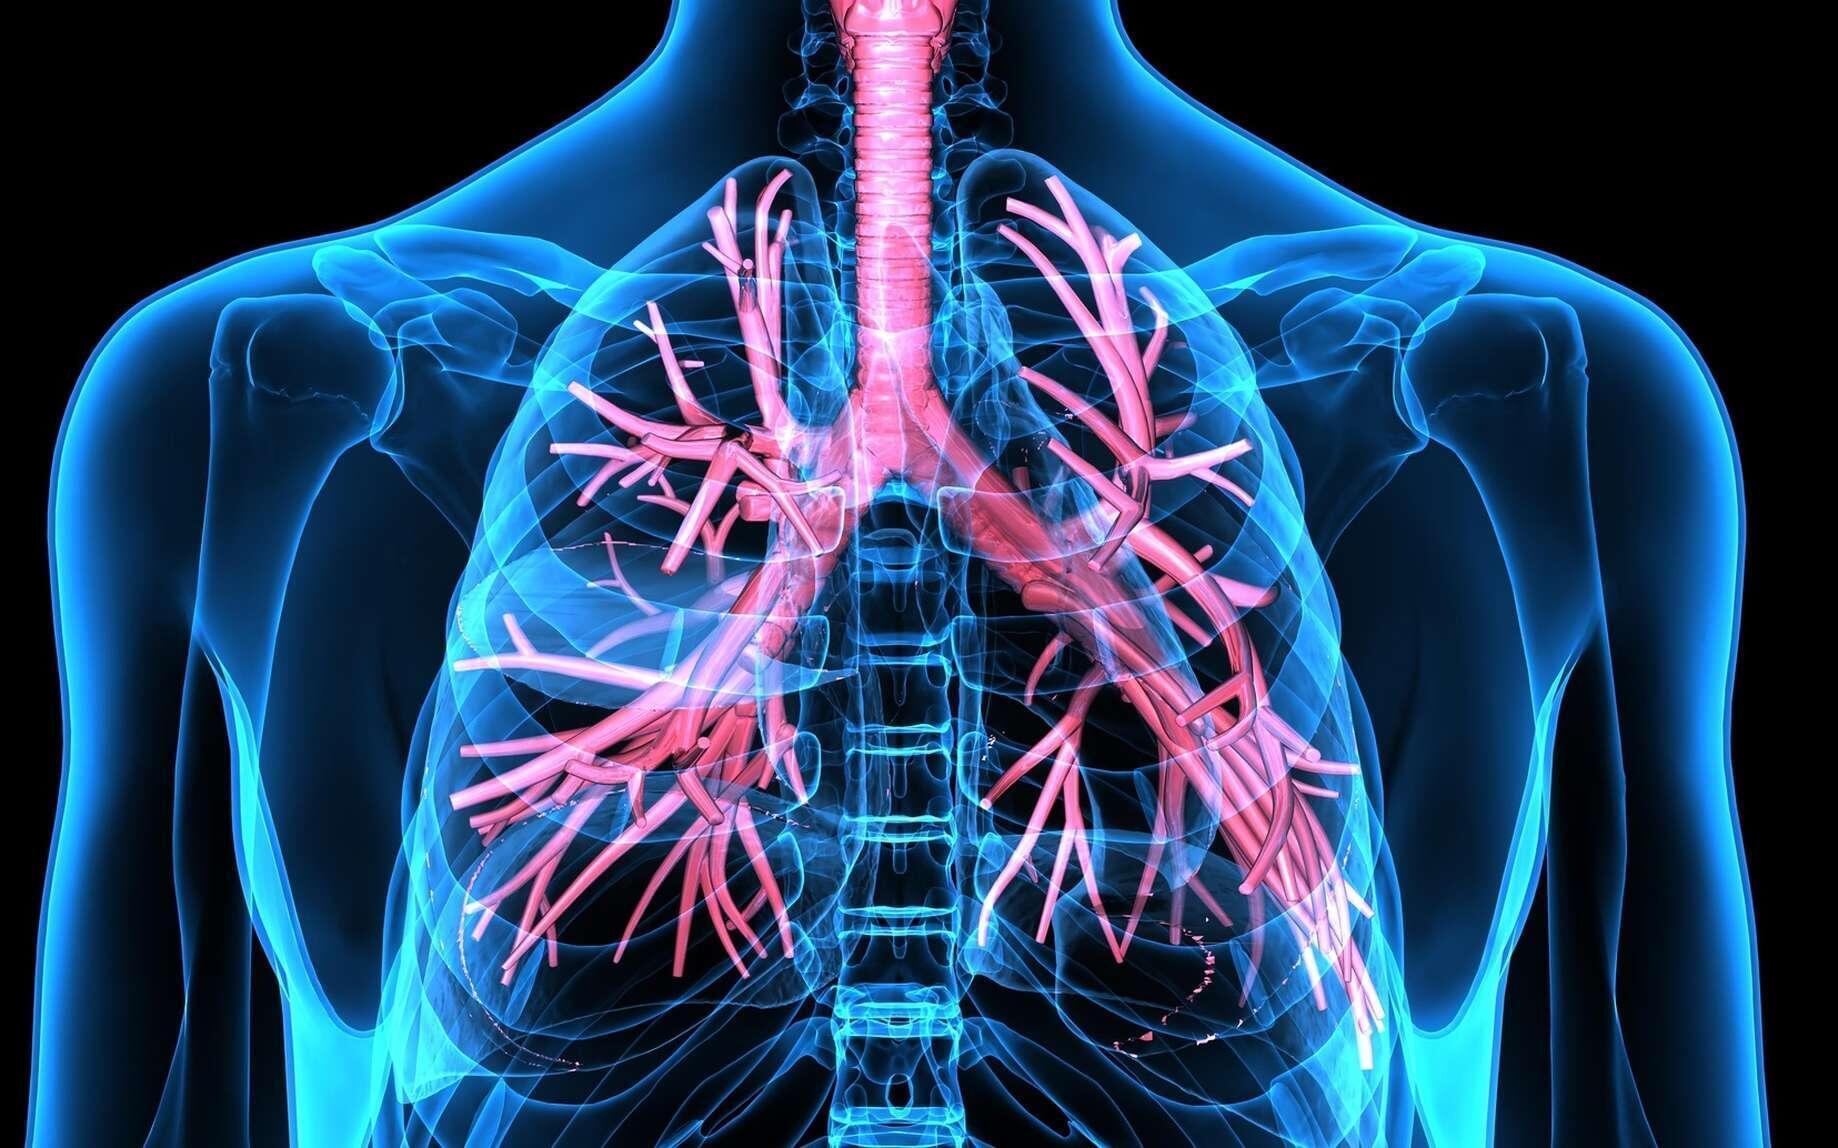 برای شنیدن توضیحات دکتر مسعود میرشاهی، متخصص سرطانشناسی در پاریس بر روی تصویر کلیک کنید